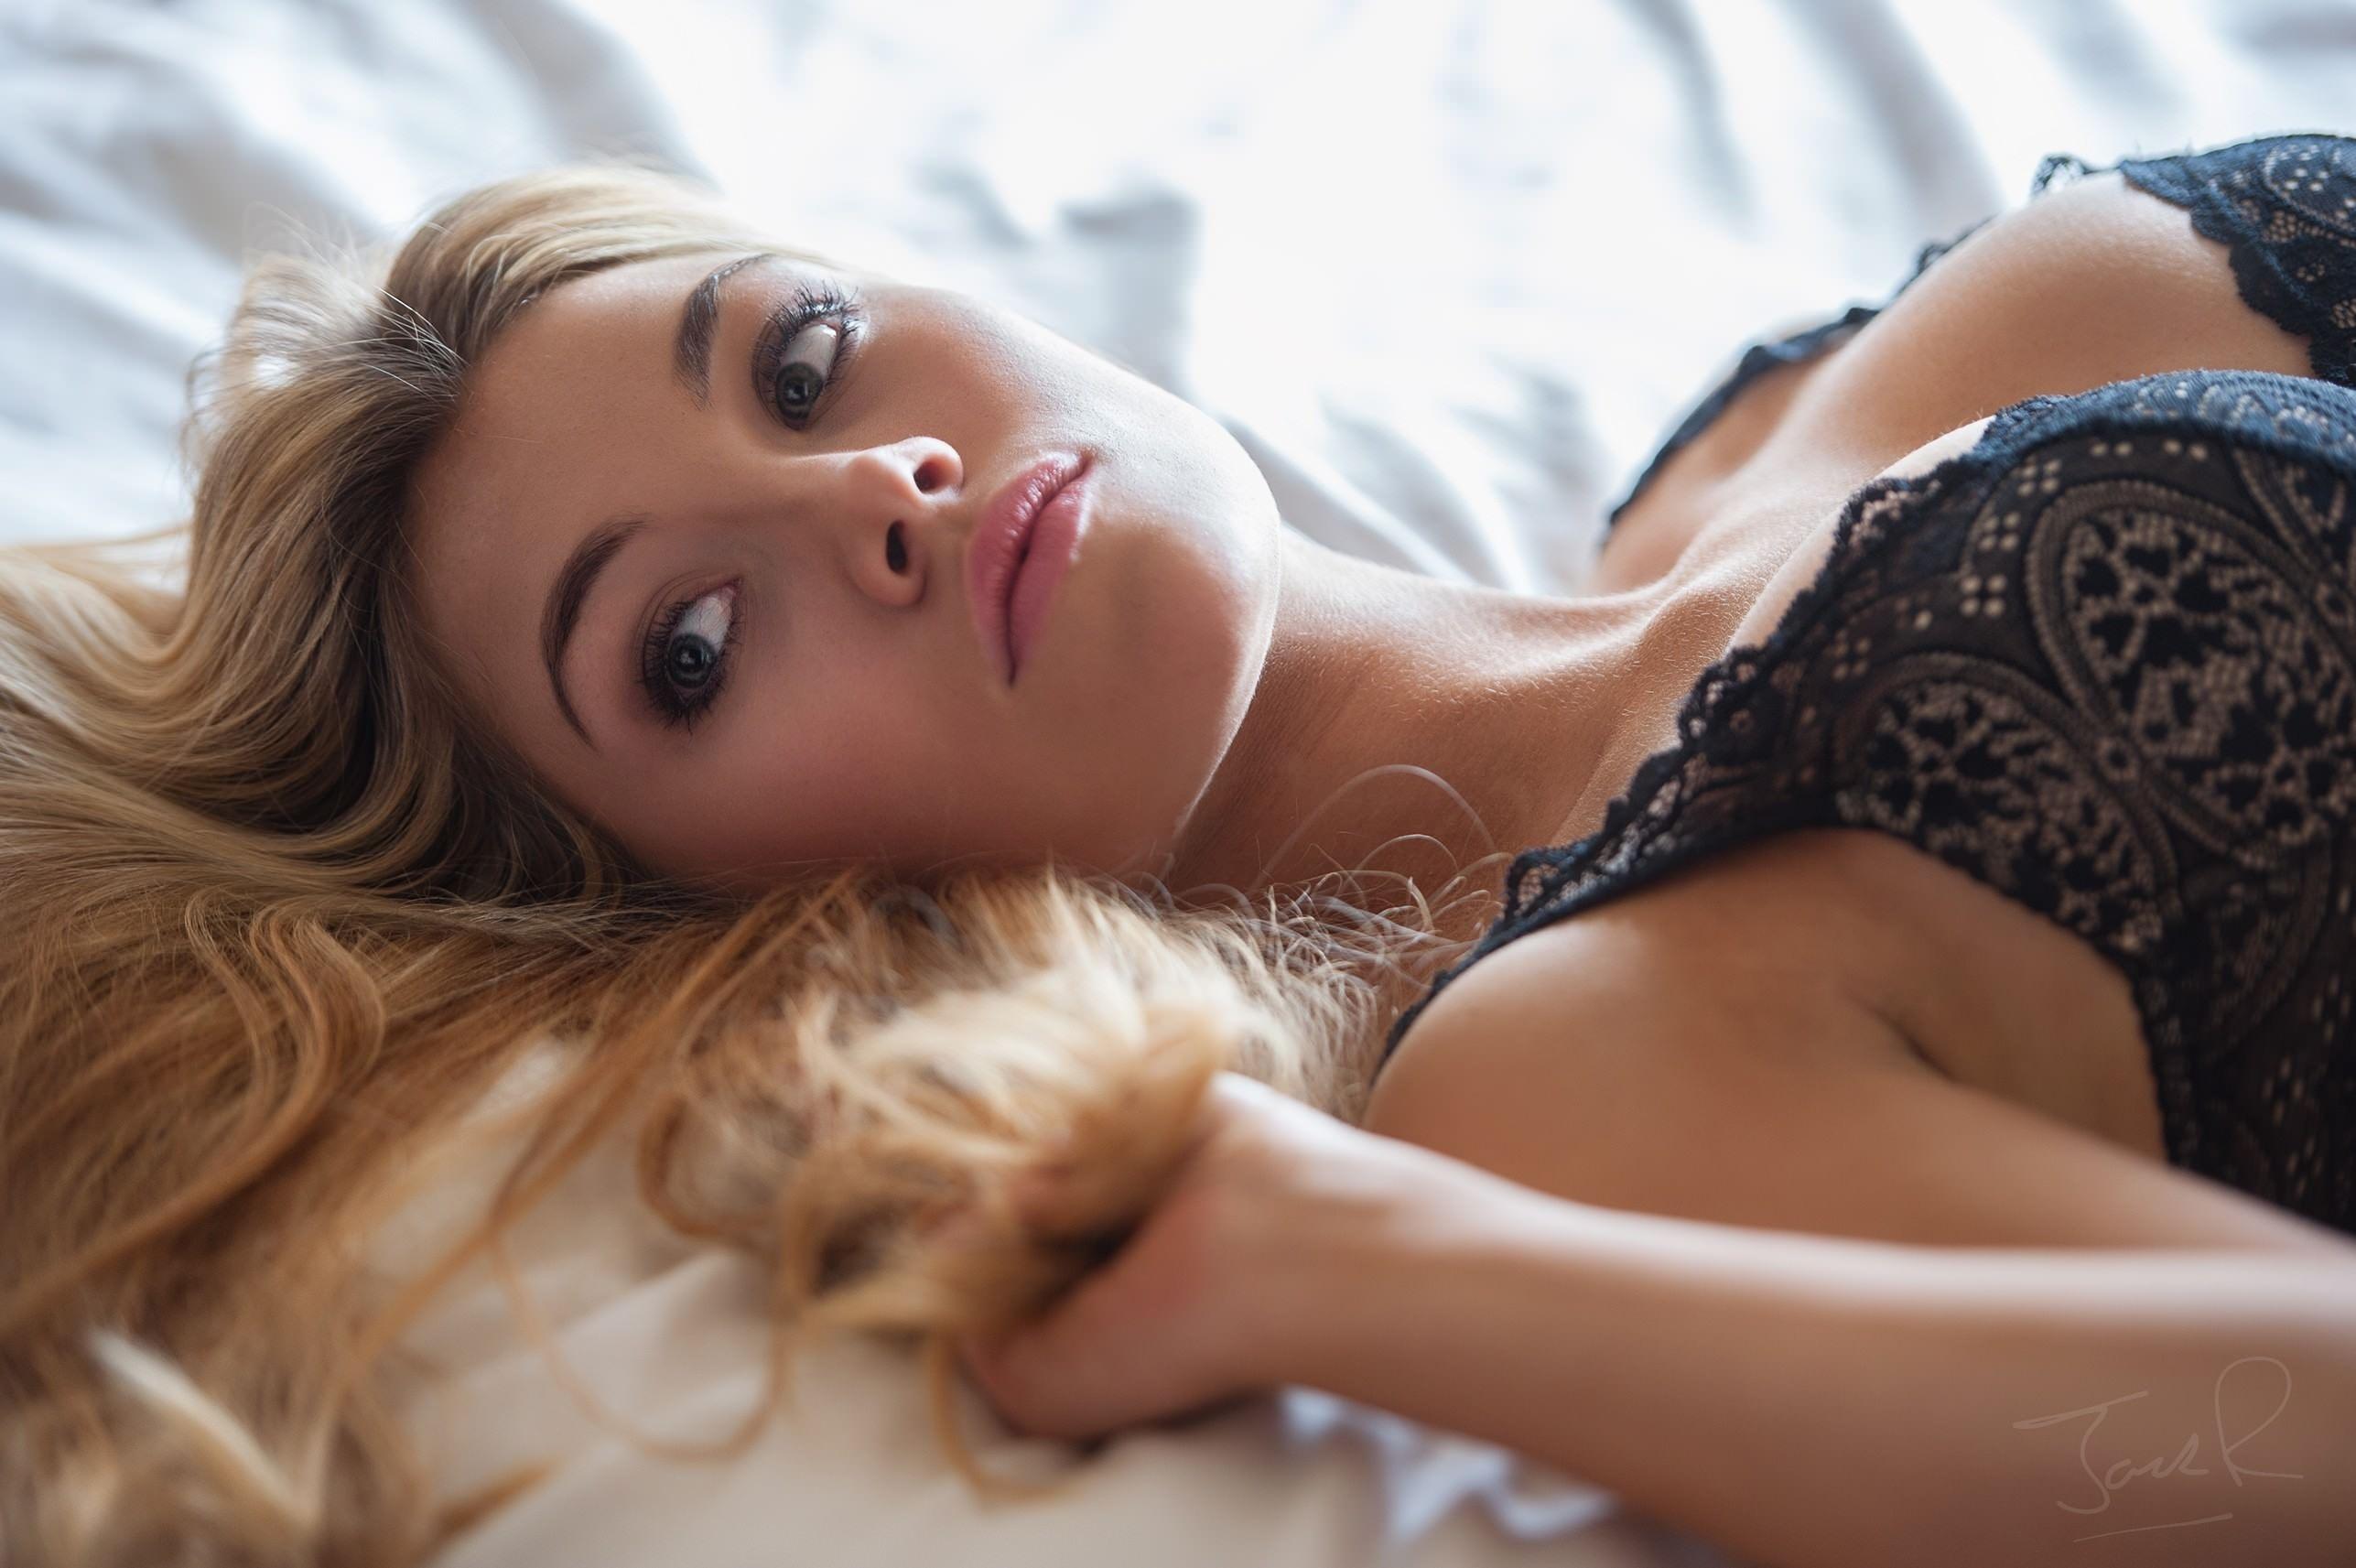 Фото Соблазнительная блондинка в черном лифчике, сладкие губки, красивые глазки, скачать картинку бесплатно